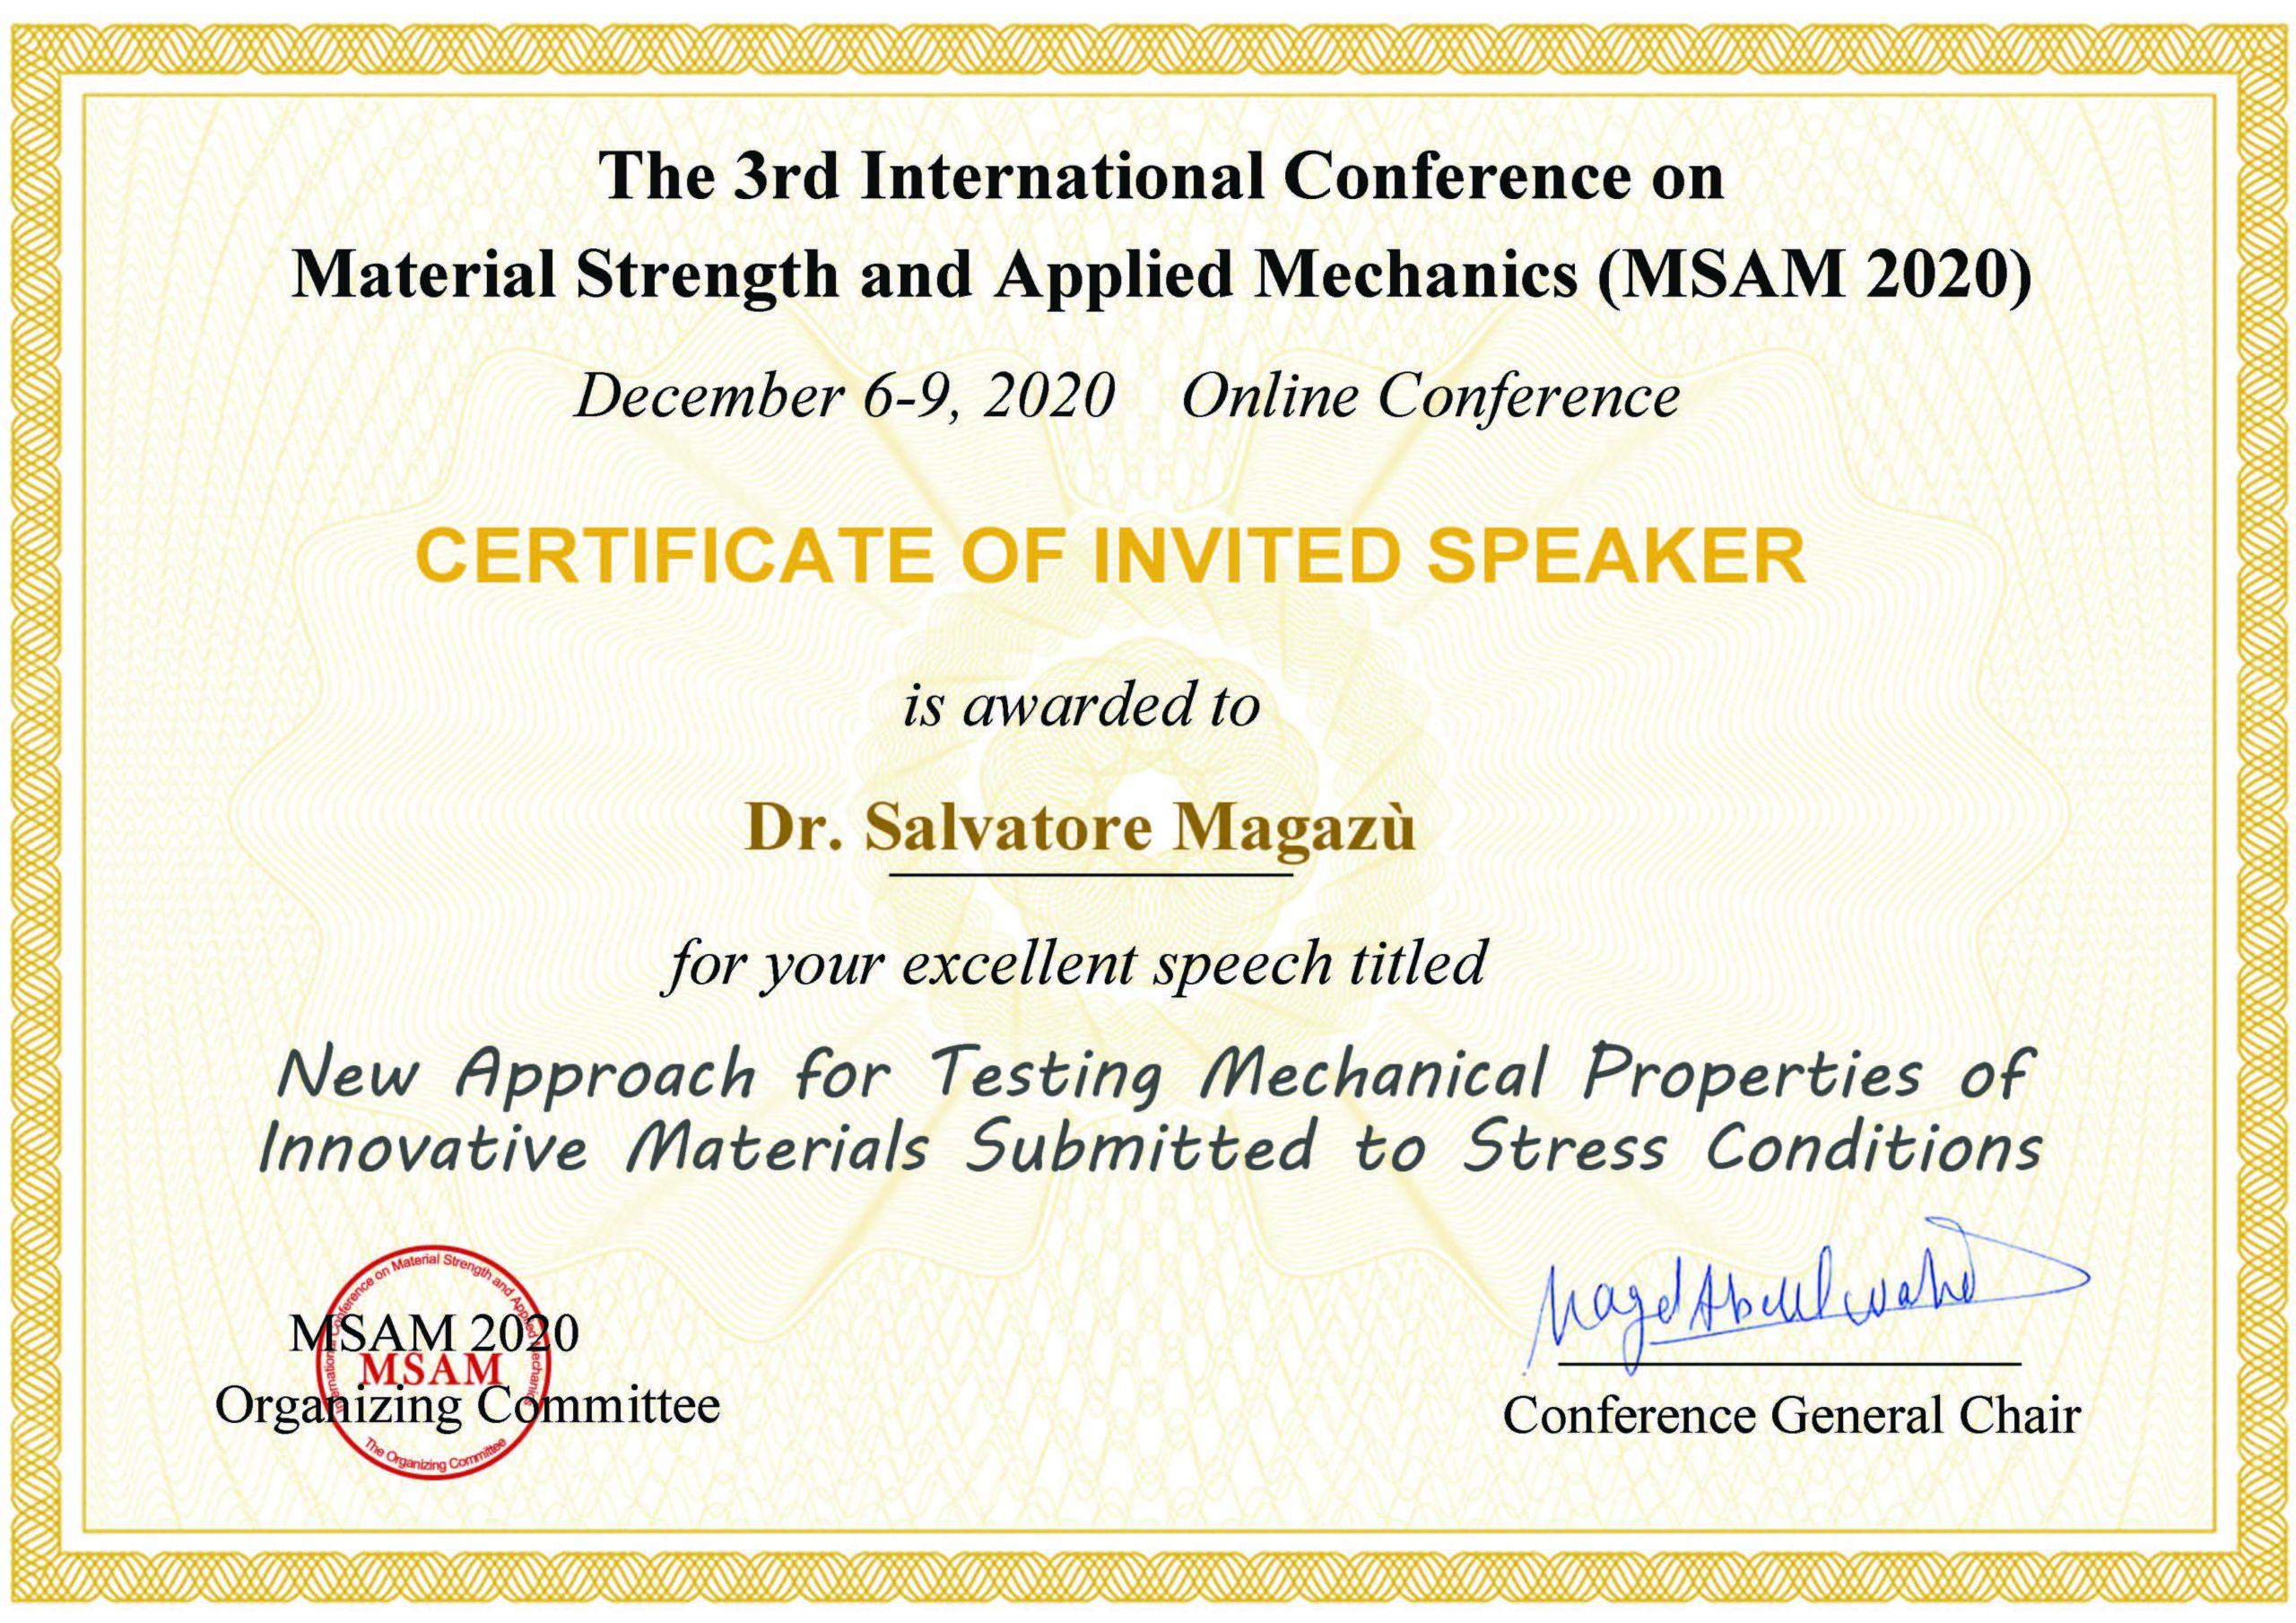 Certificate MSAM 2020